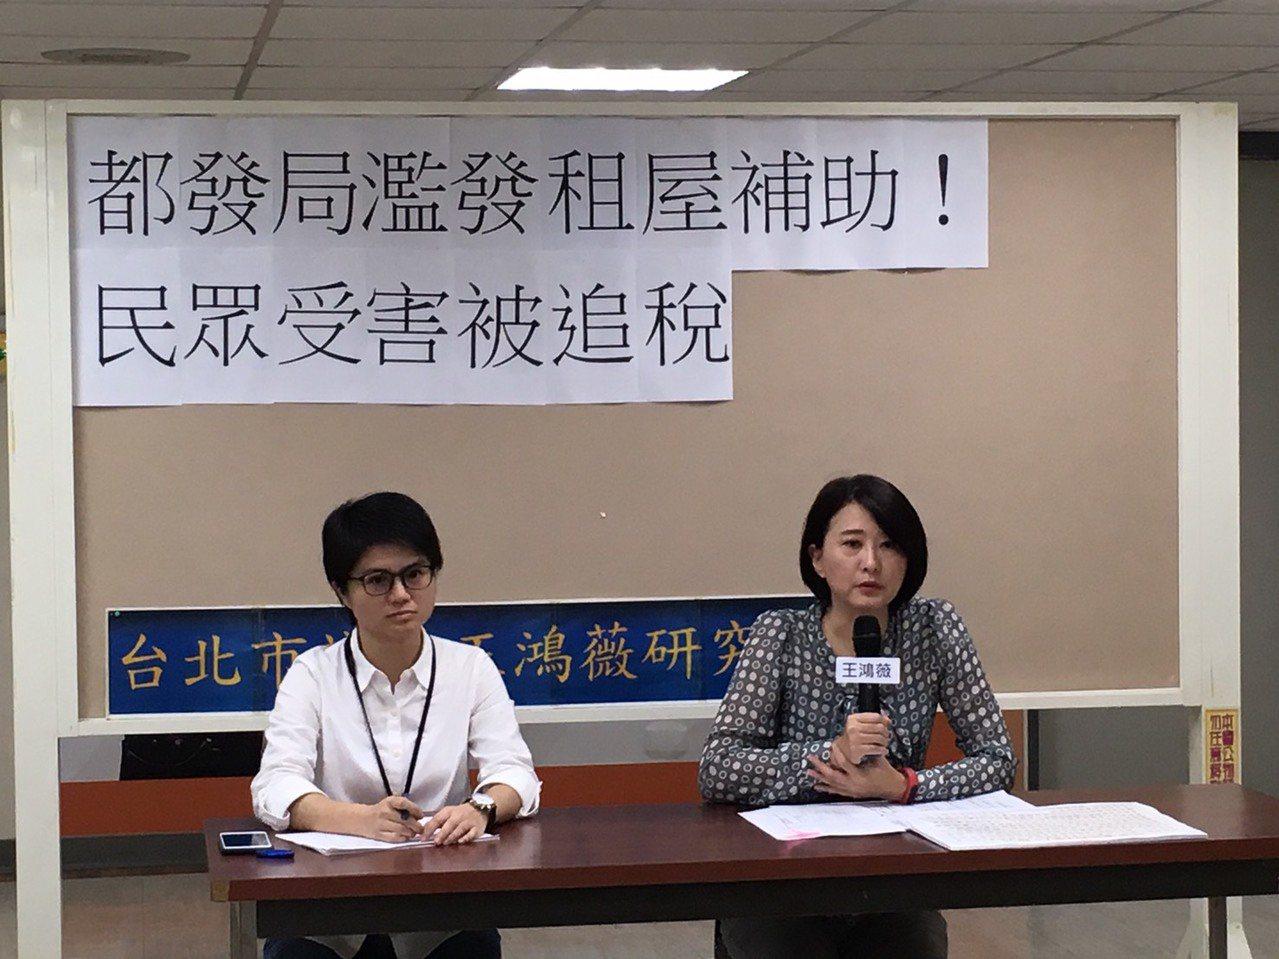 台北市議員王鴻薇接獲民眾陳情,陳情人的住屋遭變更為租屋使用,一查發現是遭人偽造租...